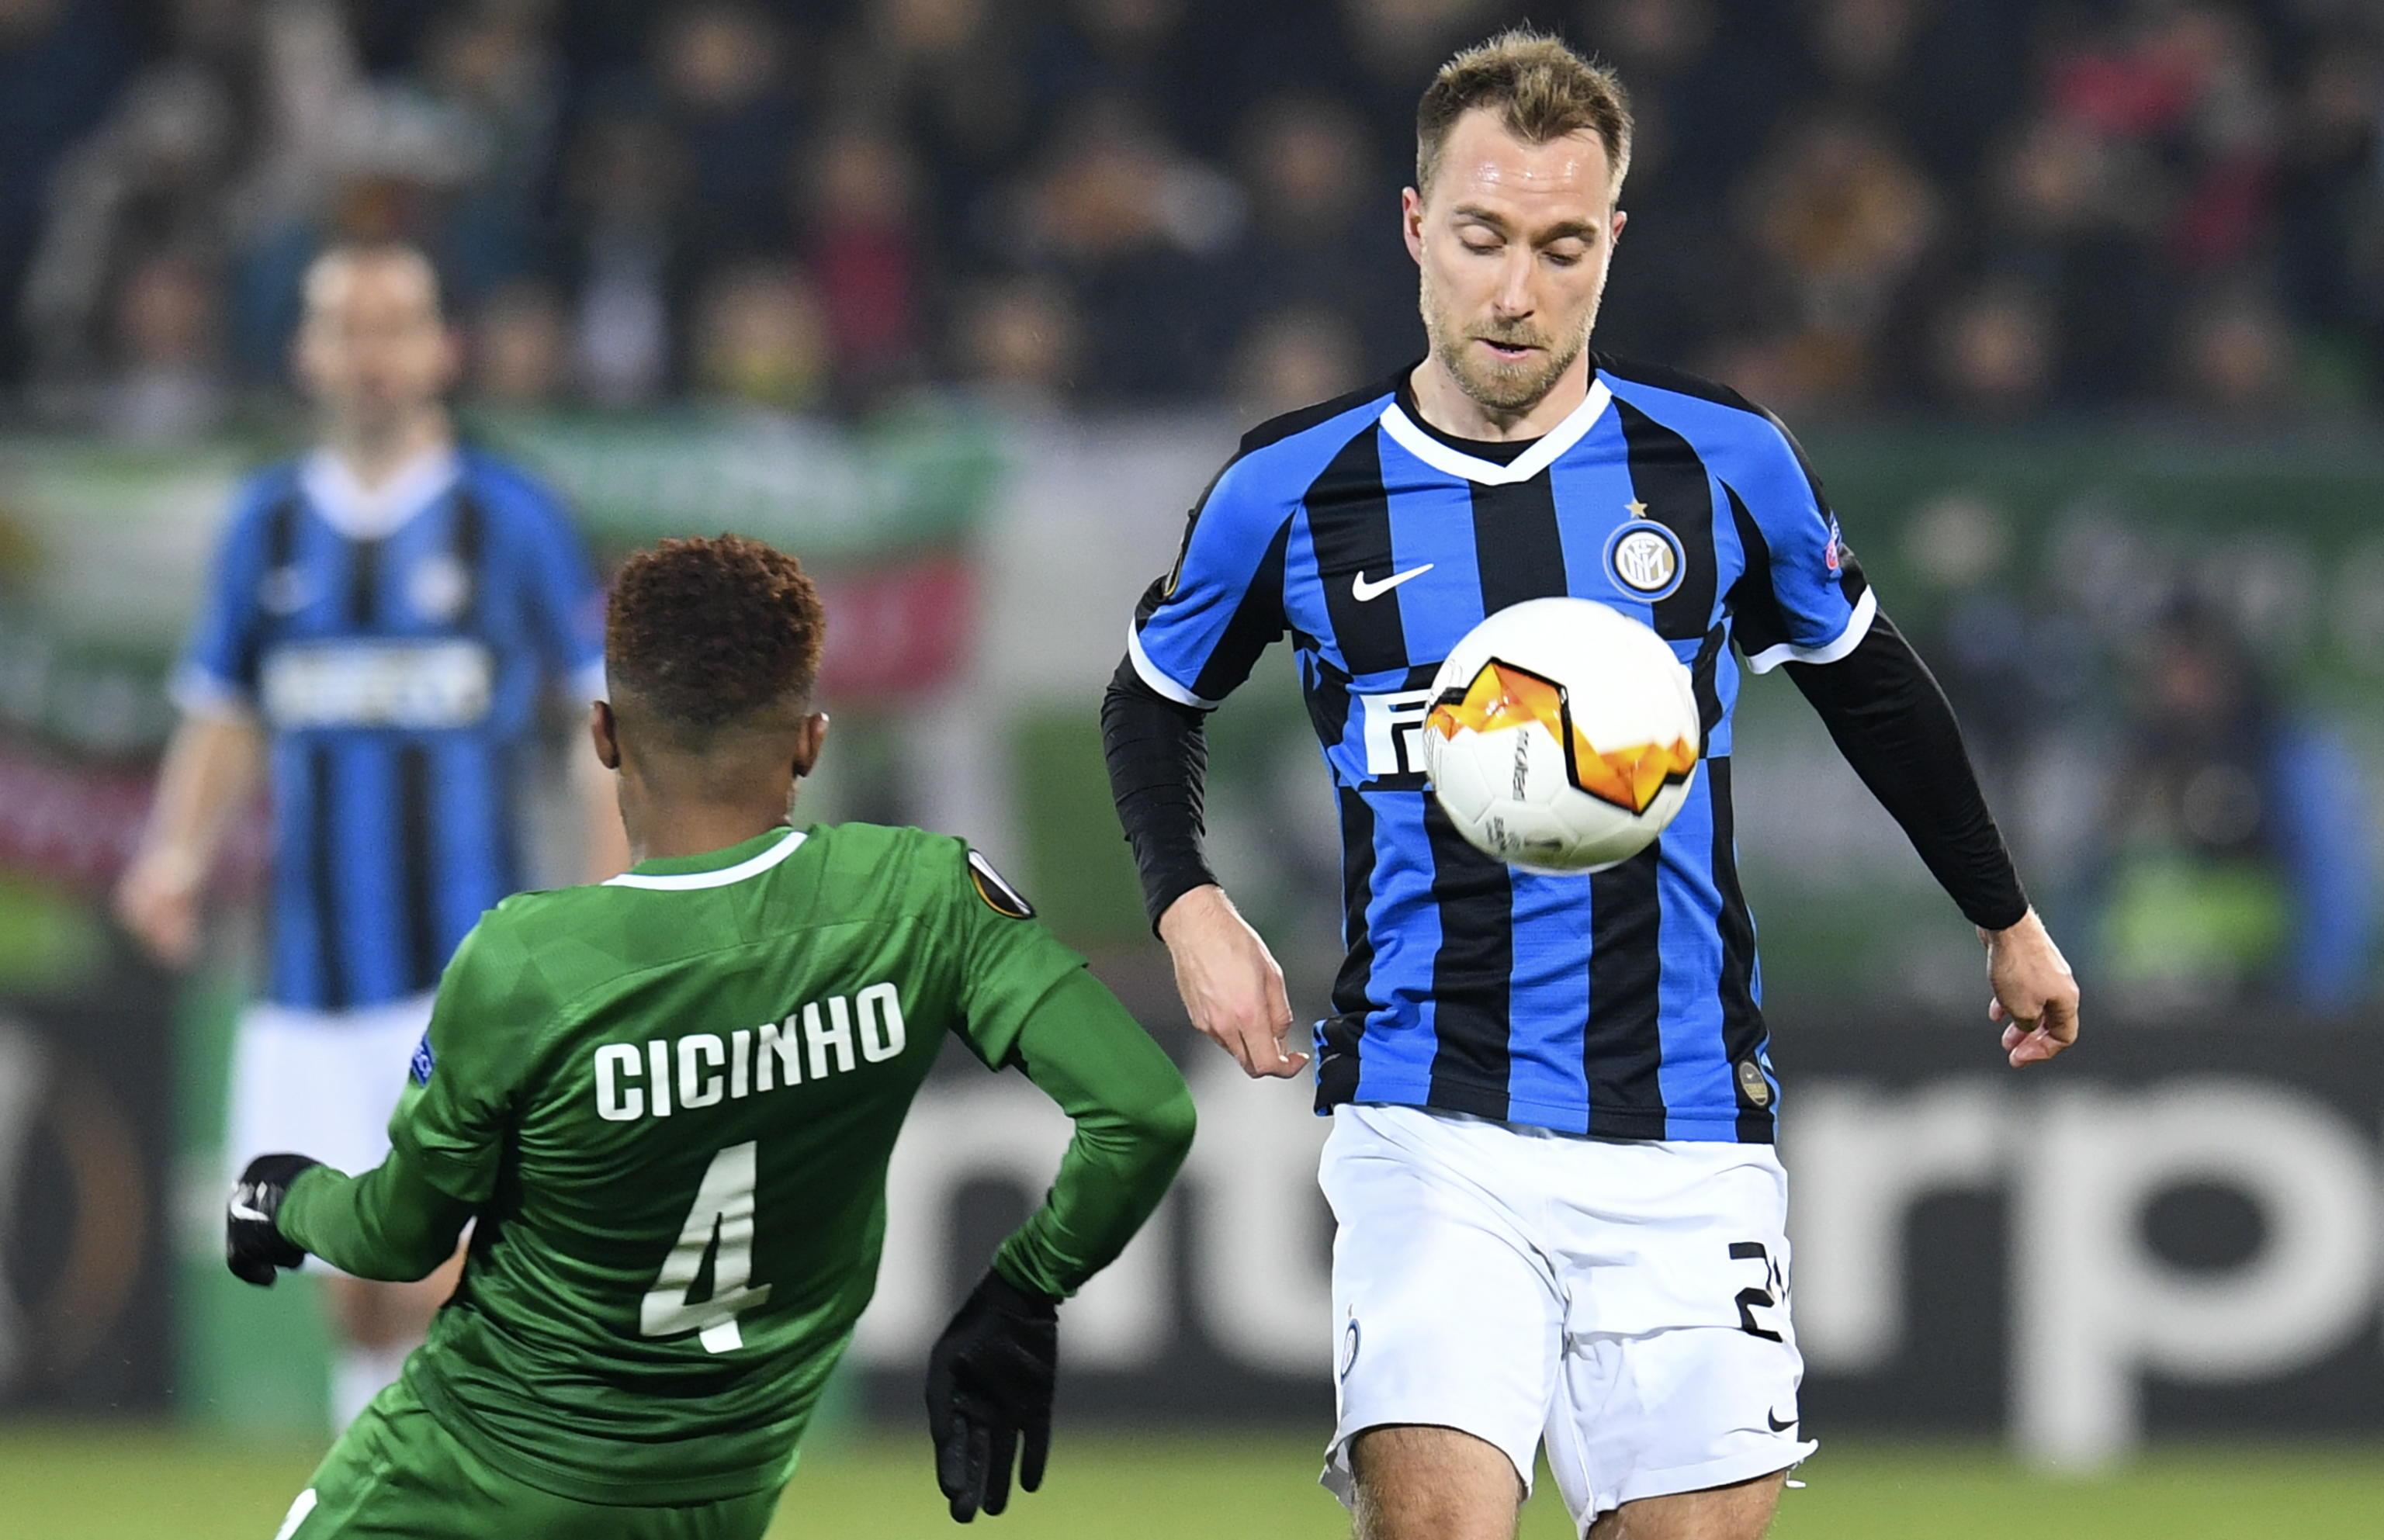 Christian Eriksen a Milano, via ai test sul cuore per capire se può ancora giocare con l'Inter